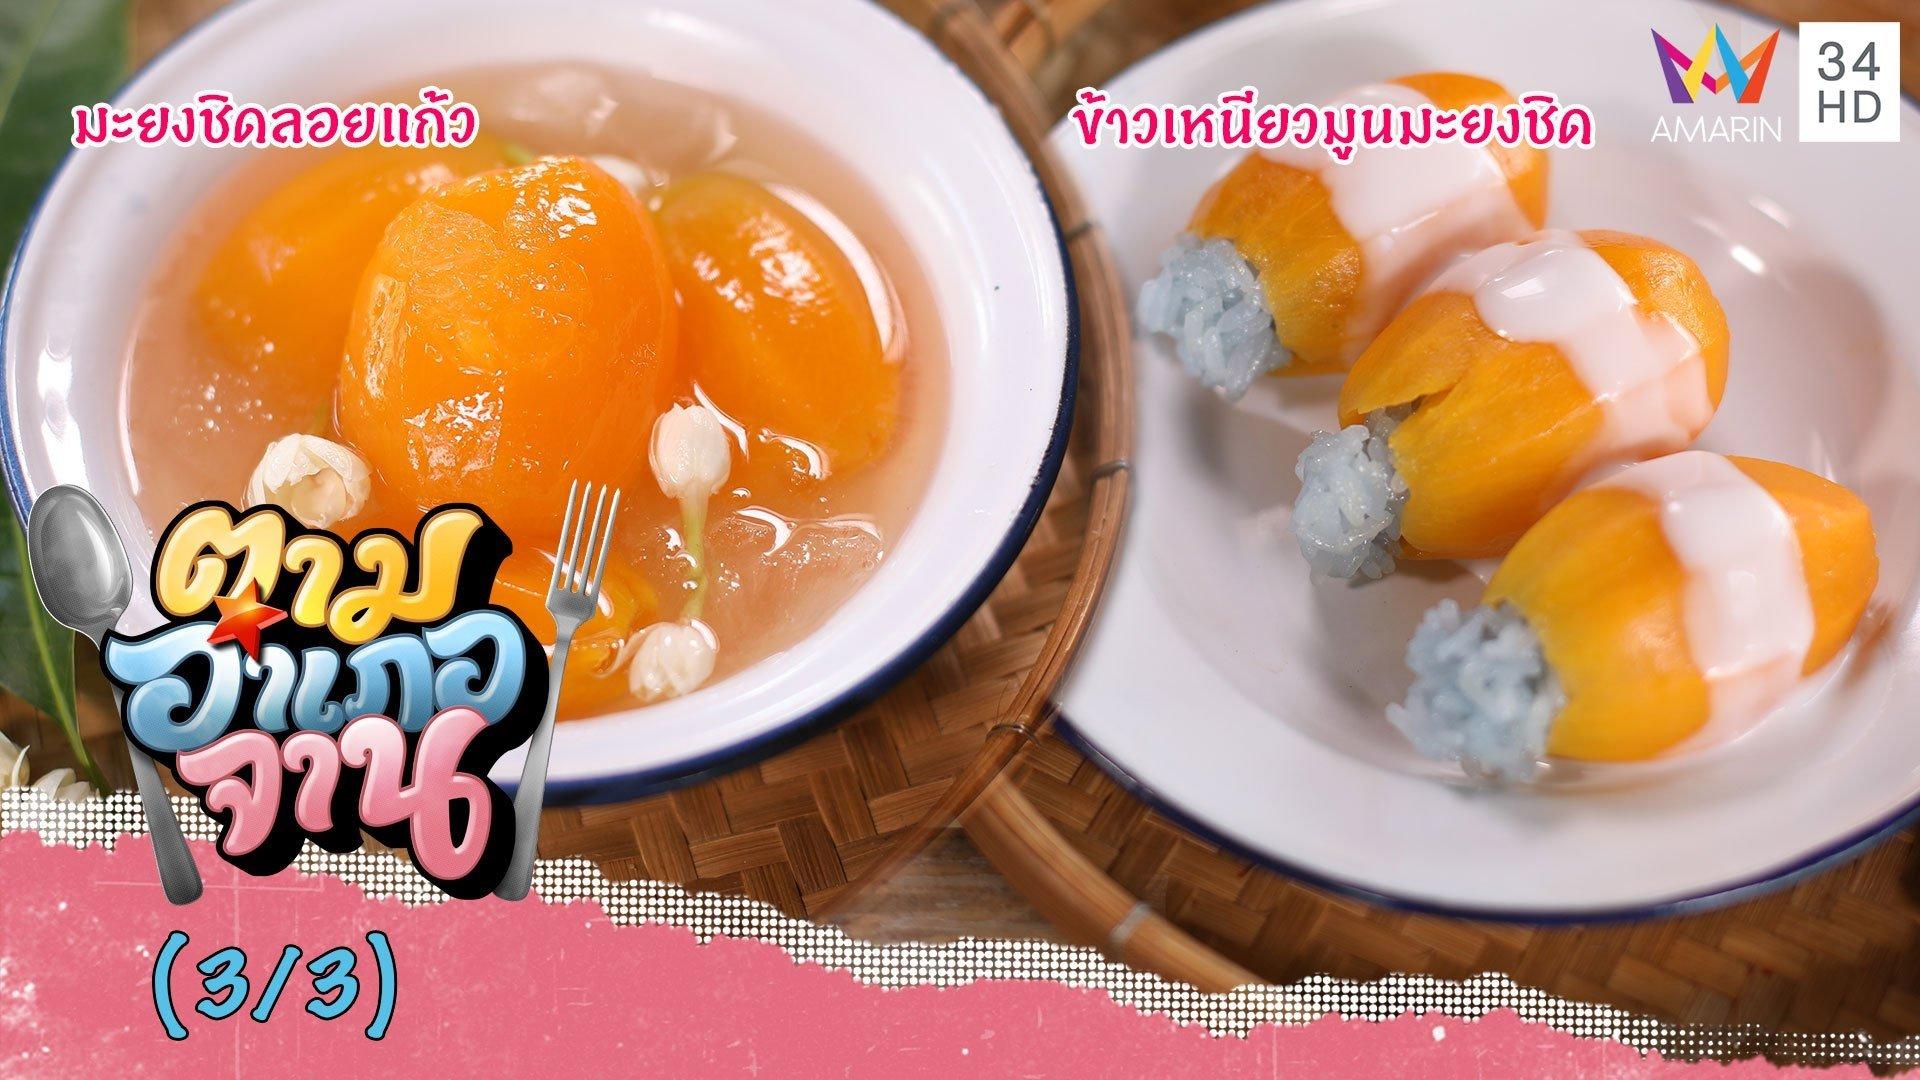 เมนูคลายร้อน 'ข้าวเหนียวมูนมะยงชิด-มะยงชิดลอยแก้ว'   ตามอำเภอจาน   4 เม.ย. 63 (3/3)   AMARIN TVHD34